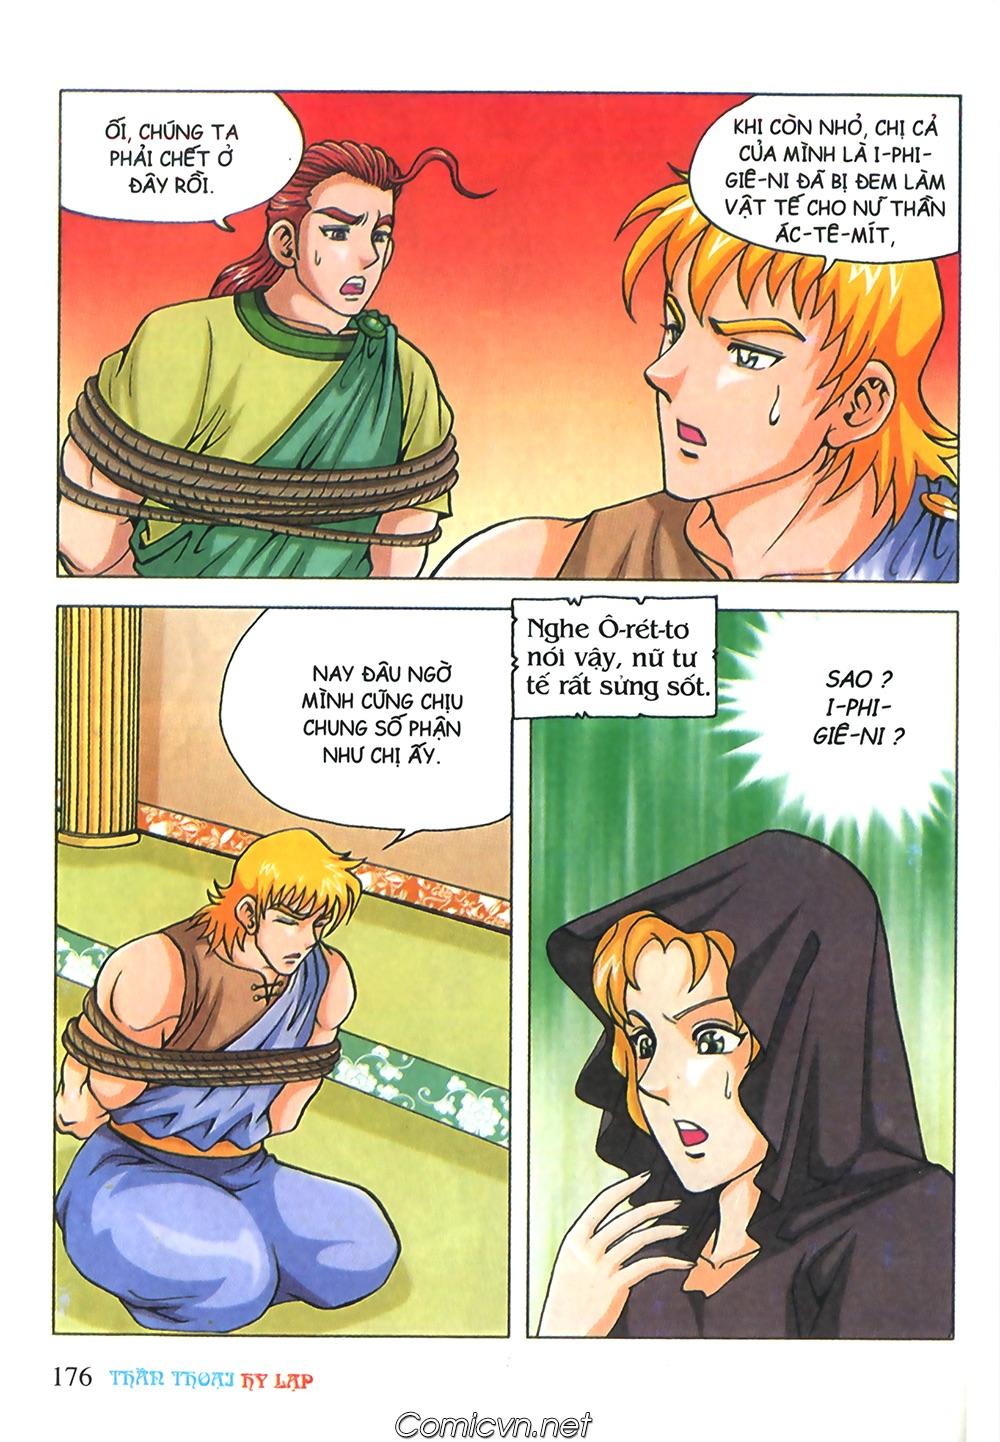 Thần Thoại Hy Lạp Màu - Chapter 71: Nàng Ê lếch tơ 2 - Pic 27